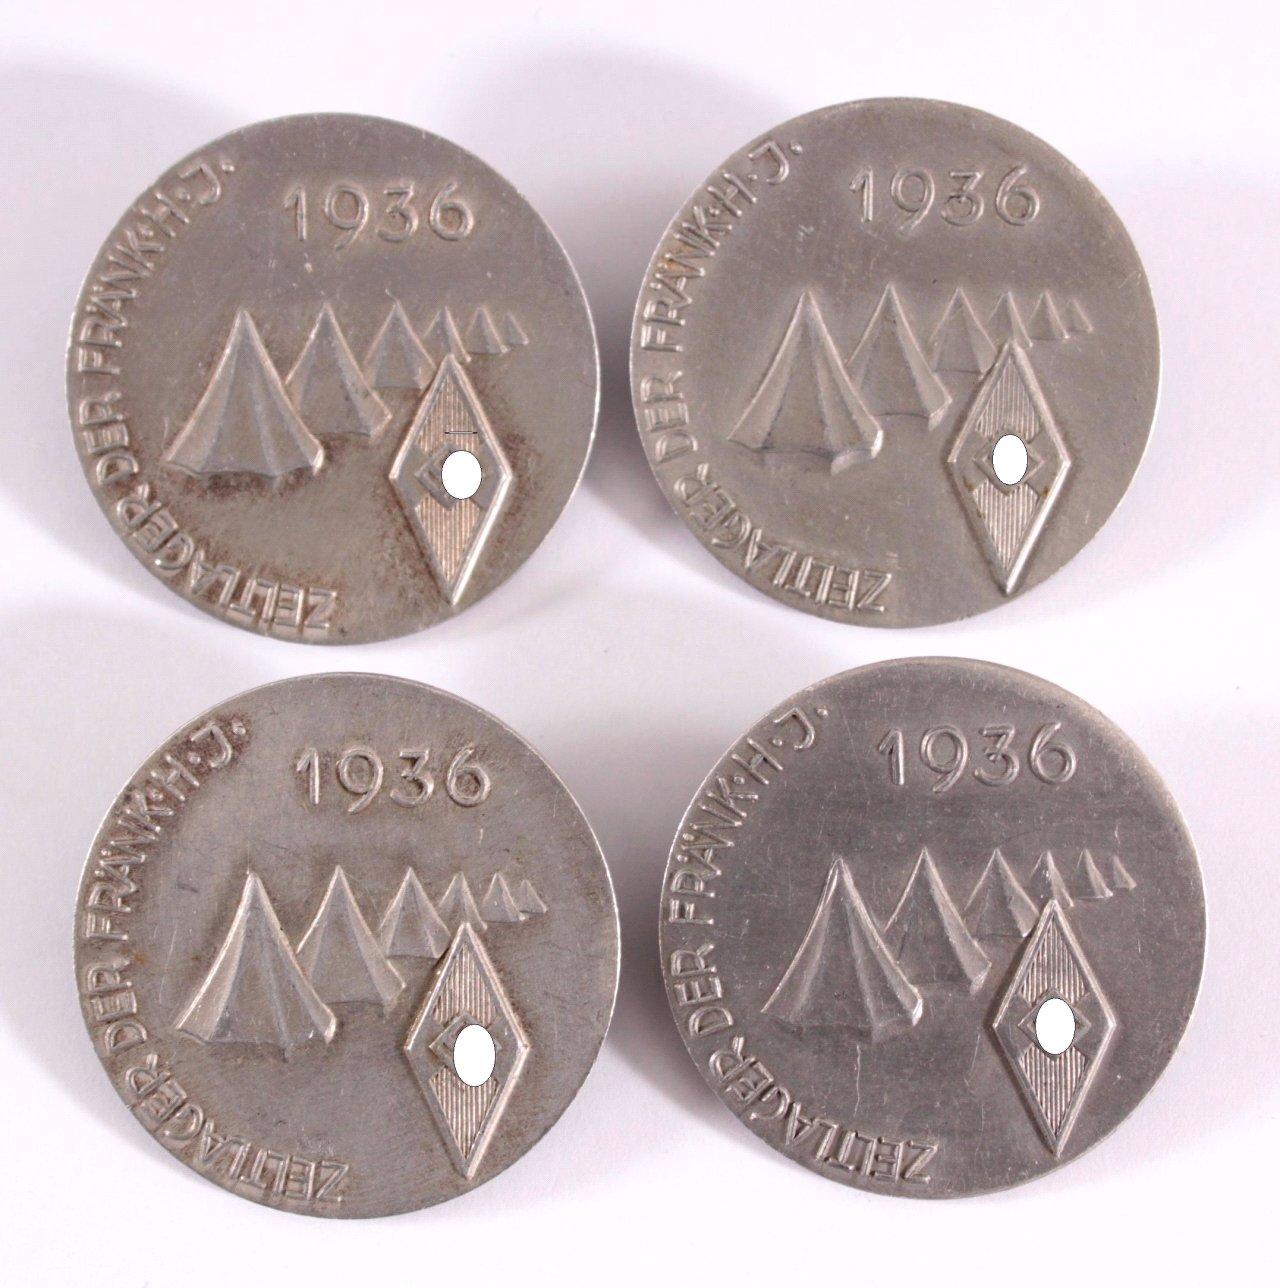 4 Abzeichen Zeltlager der fränkischen HJ 1936